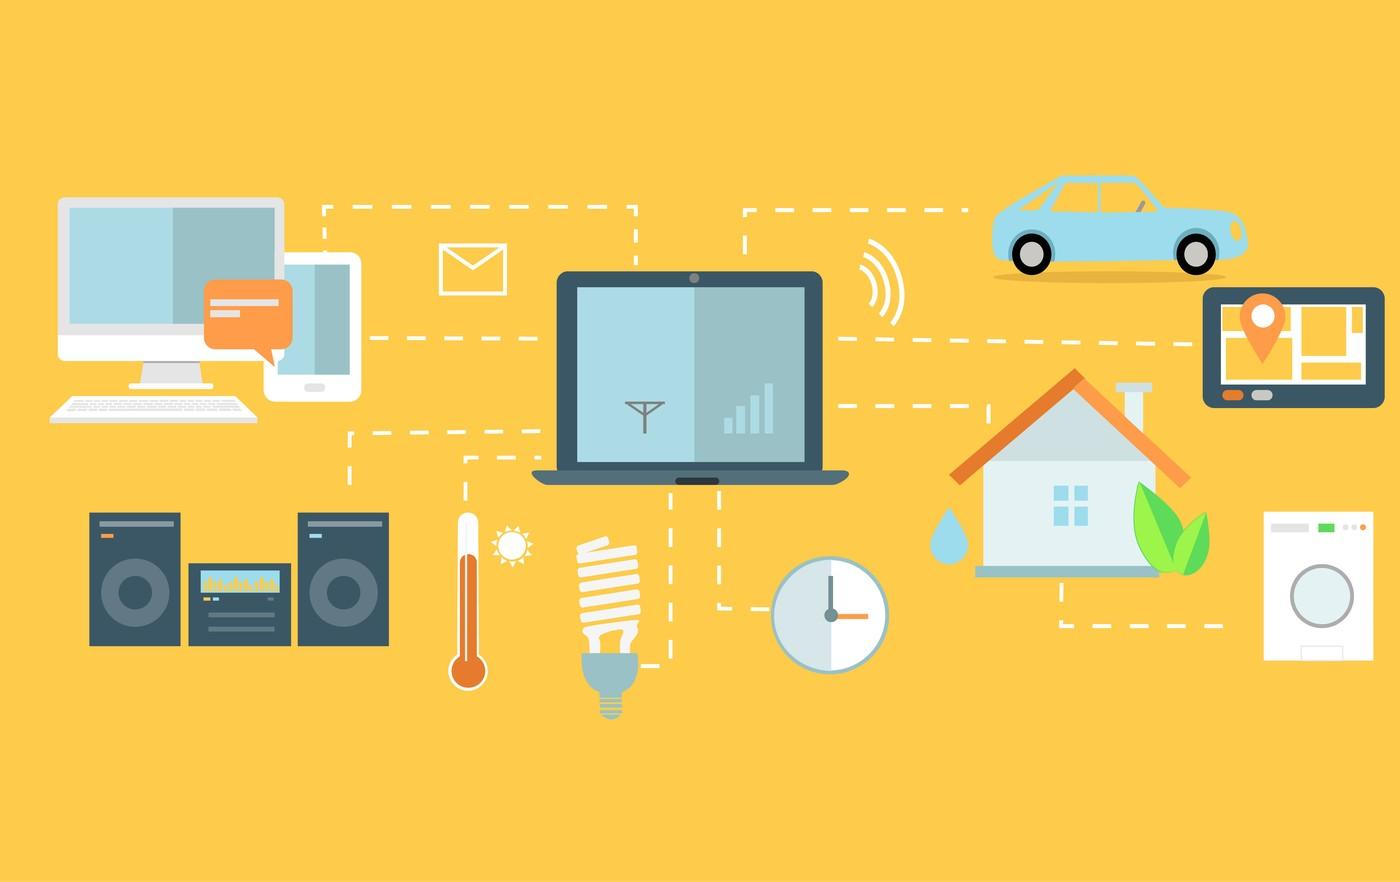 愛立信報告:5G技術商轉,最有可能受影響的是這八個產業